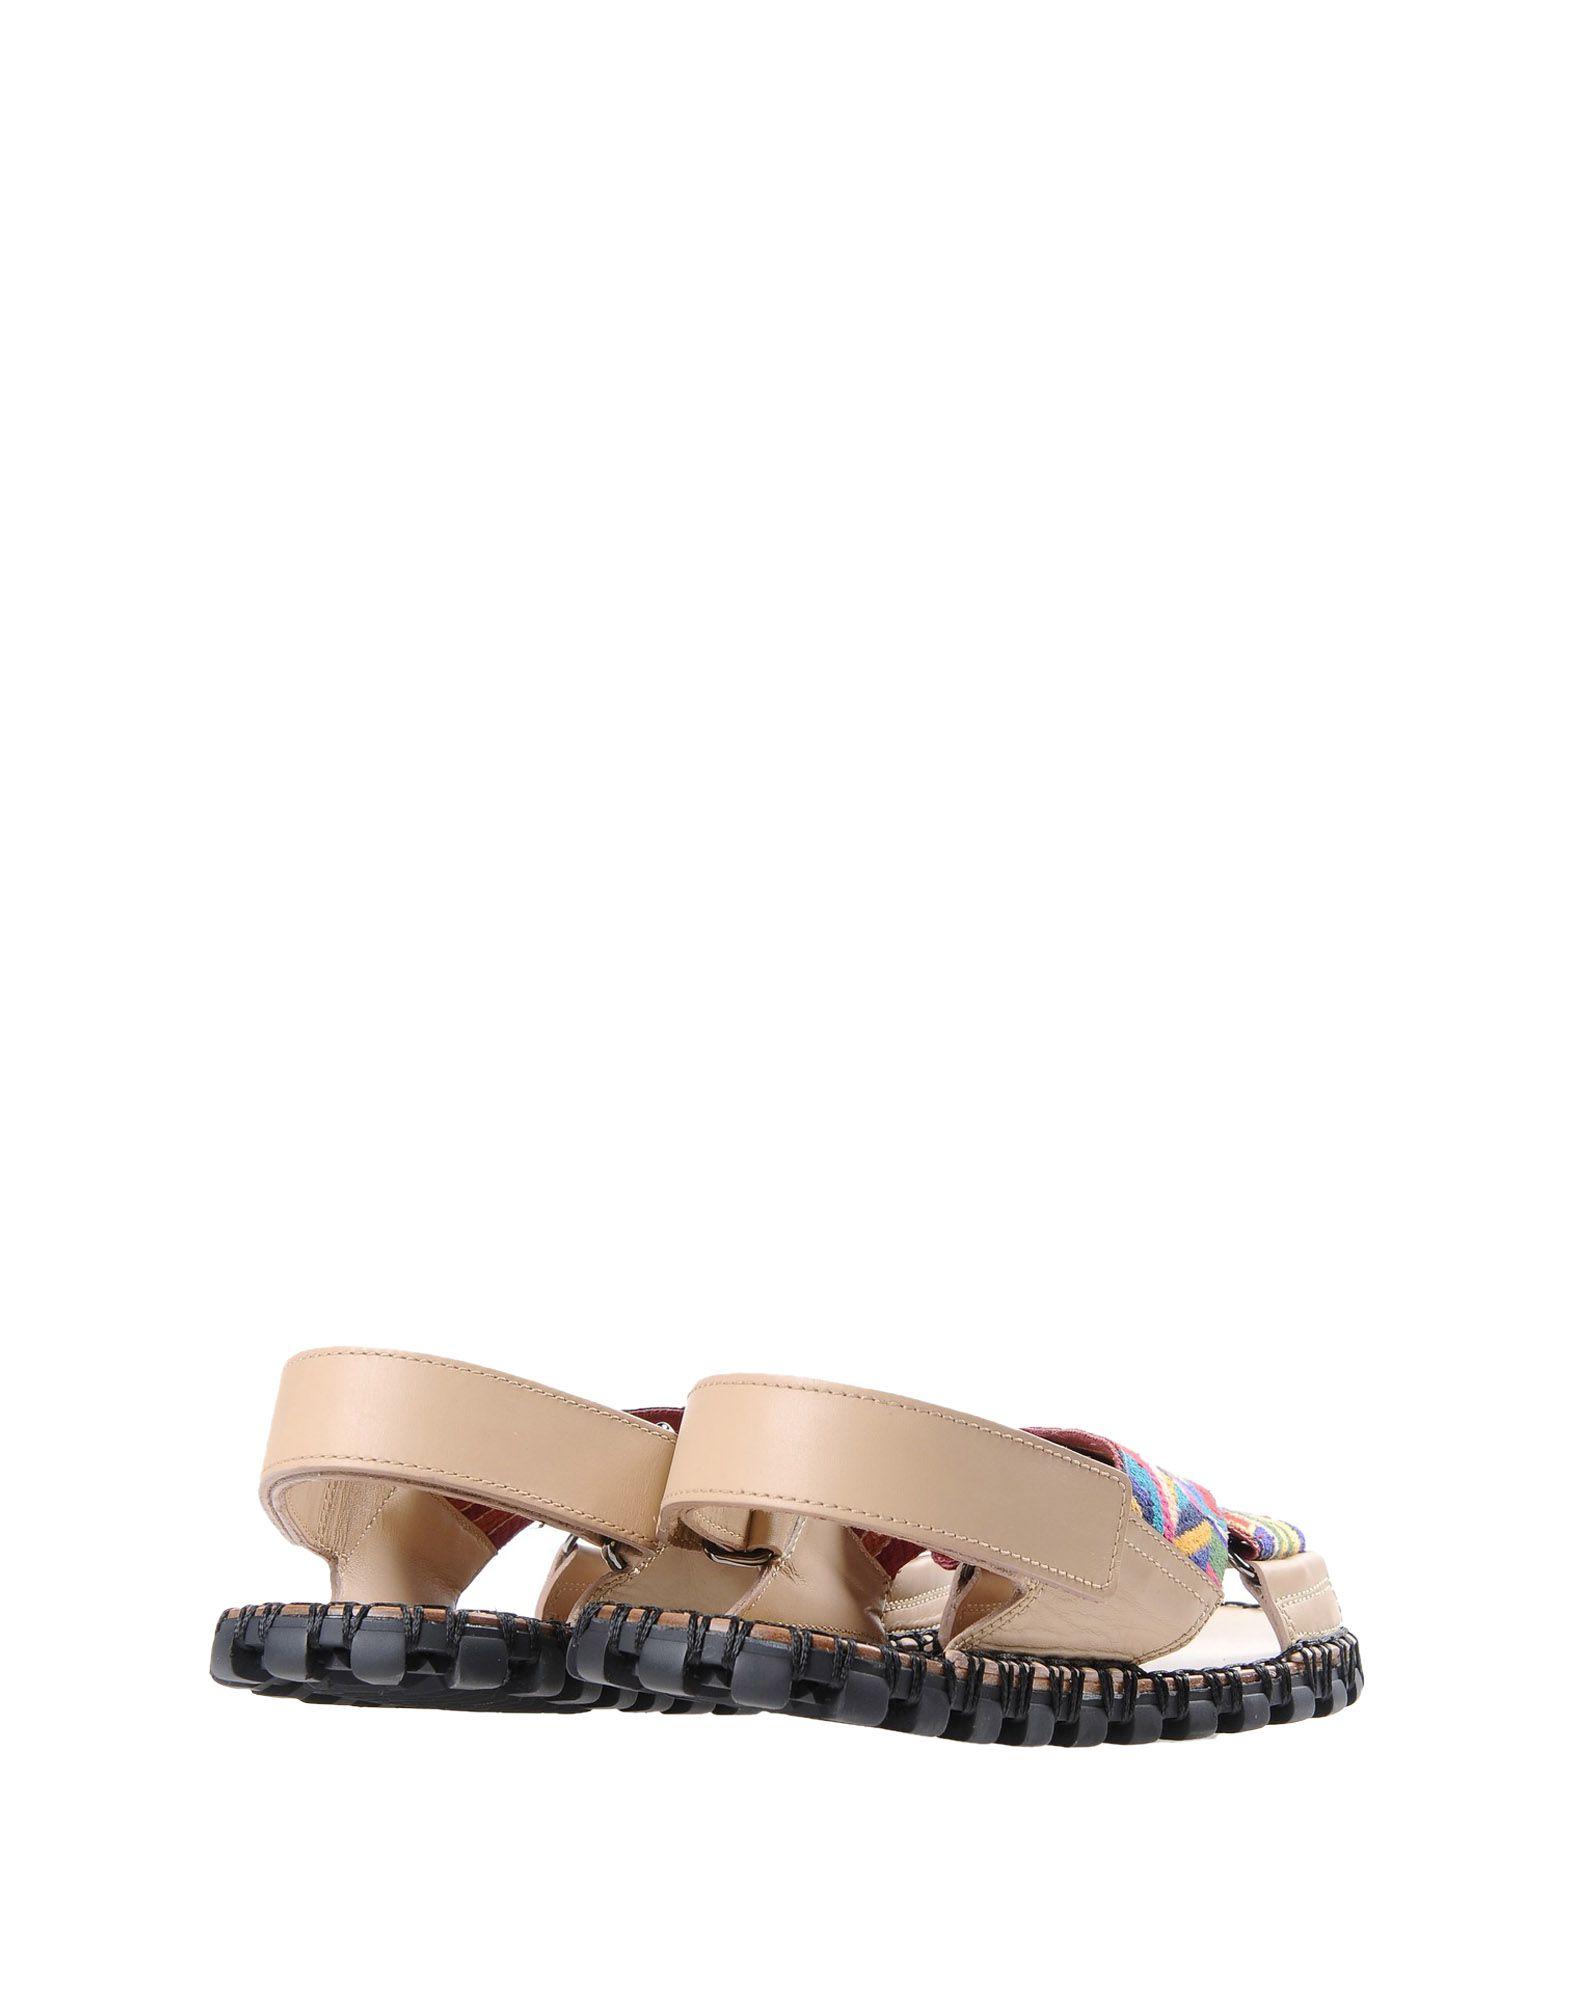 Valentino Garavani Sandalen Qualität Herren  11203060QG Gute Qualität Sandalen beliebte Schuhe f63680